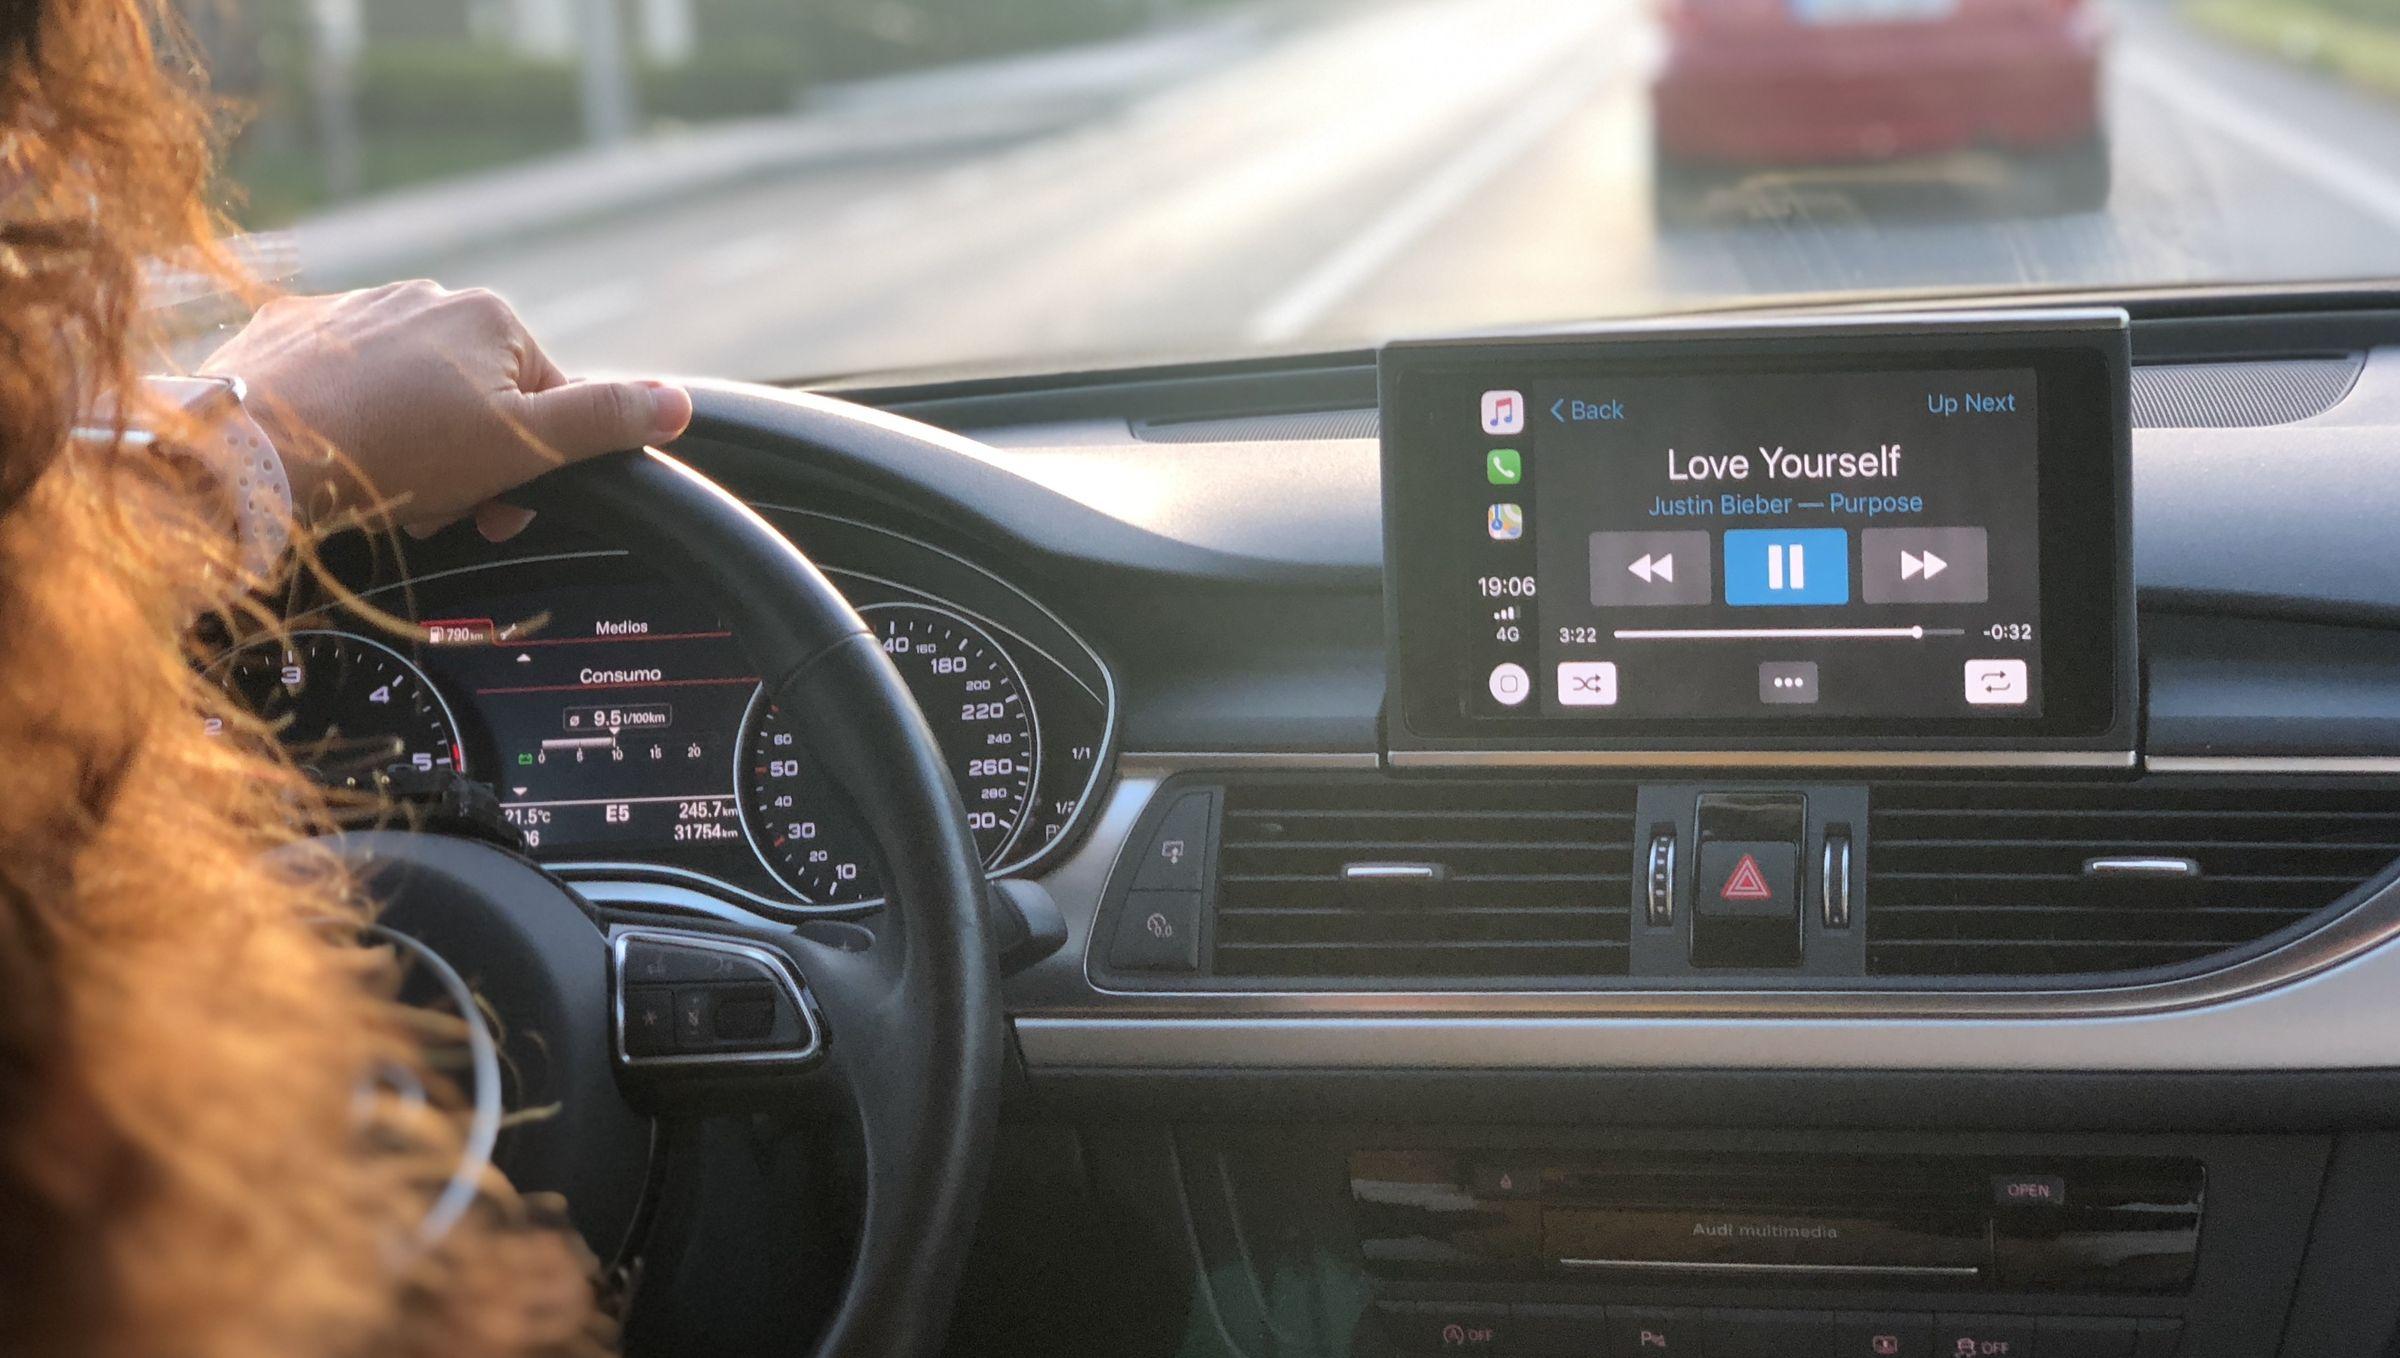 Los coches del futuro incorporarán sistemas avanzados que mantendrán permanentemente informado al conductor